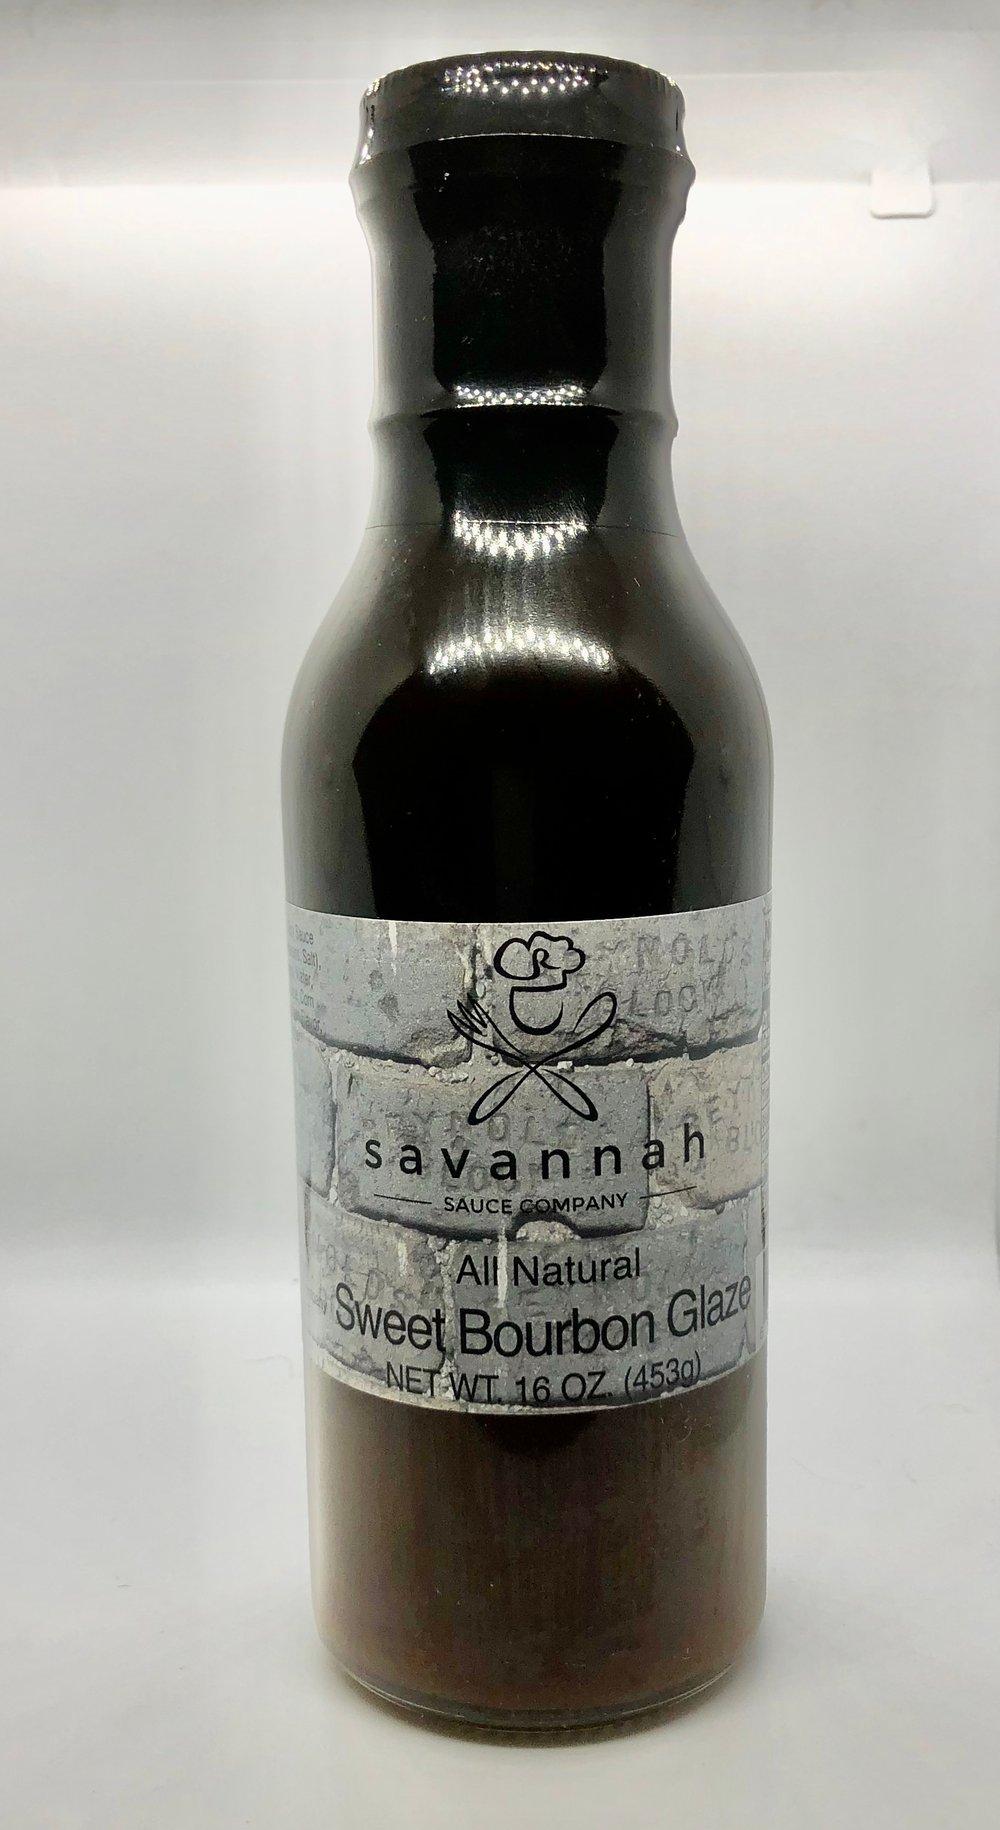 Image of Sweet Bourbon Glaze